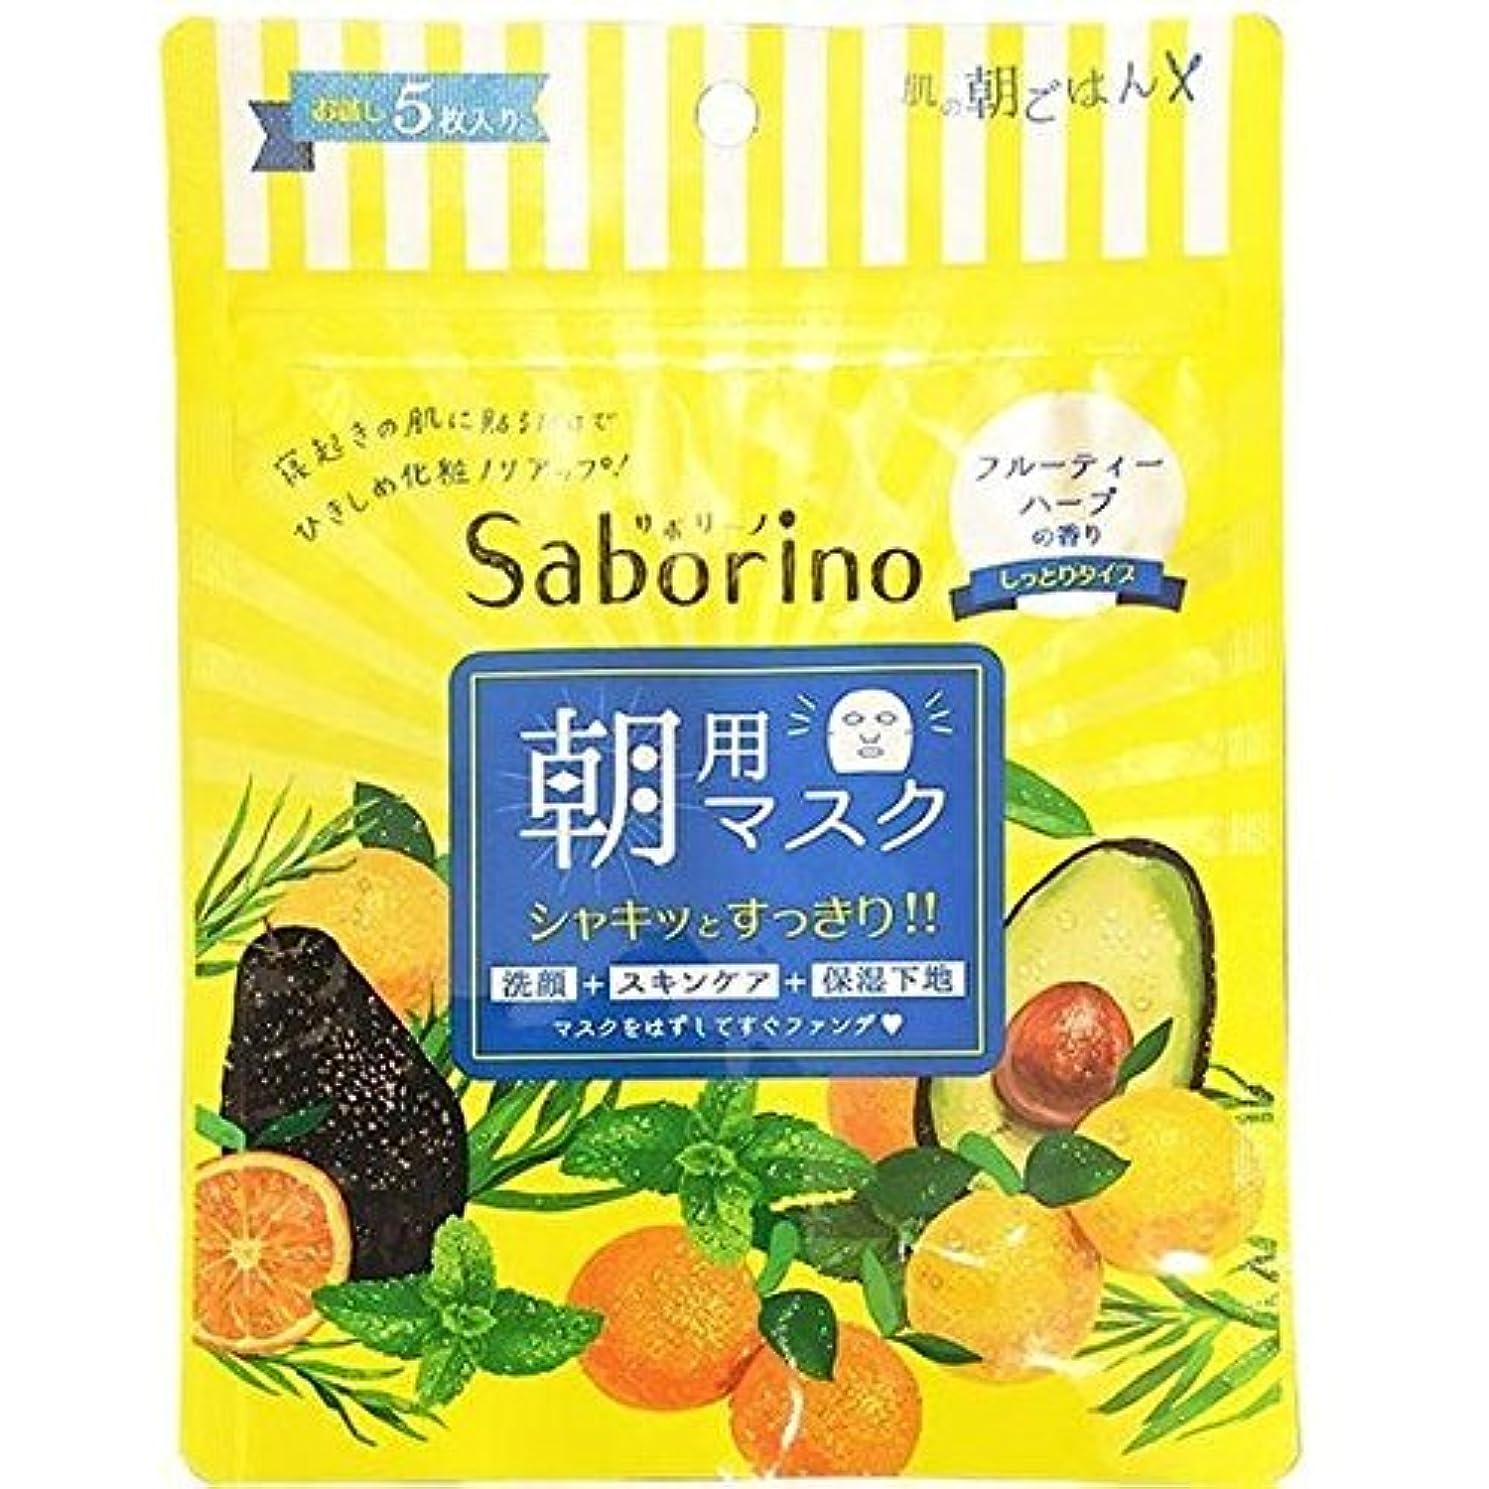 オープニングビートリーダーシップSaborino(サボリーノ)  目ざまシート(5枚入)